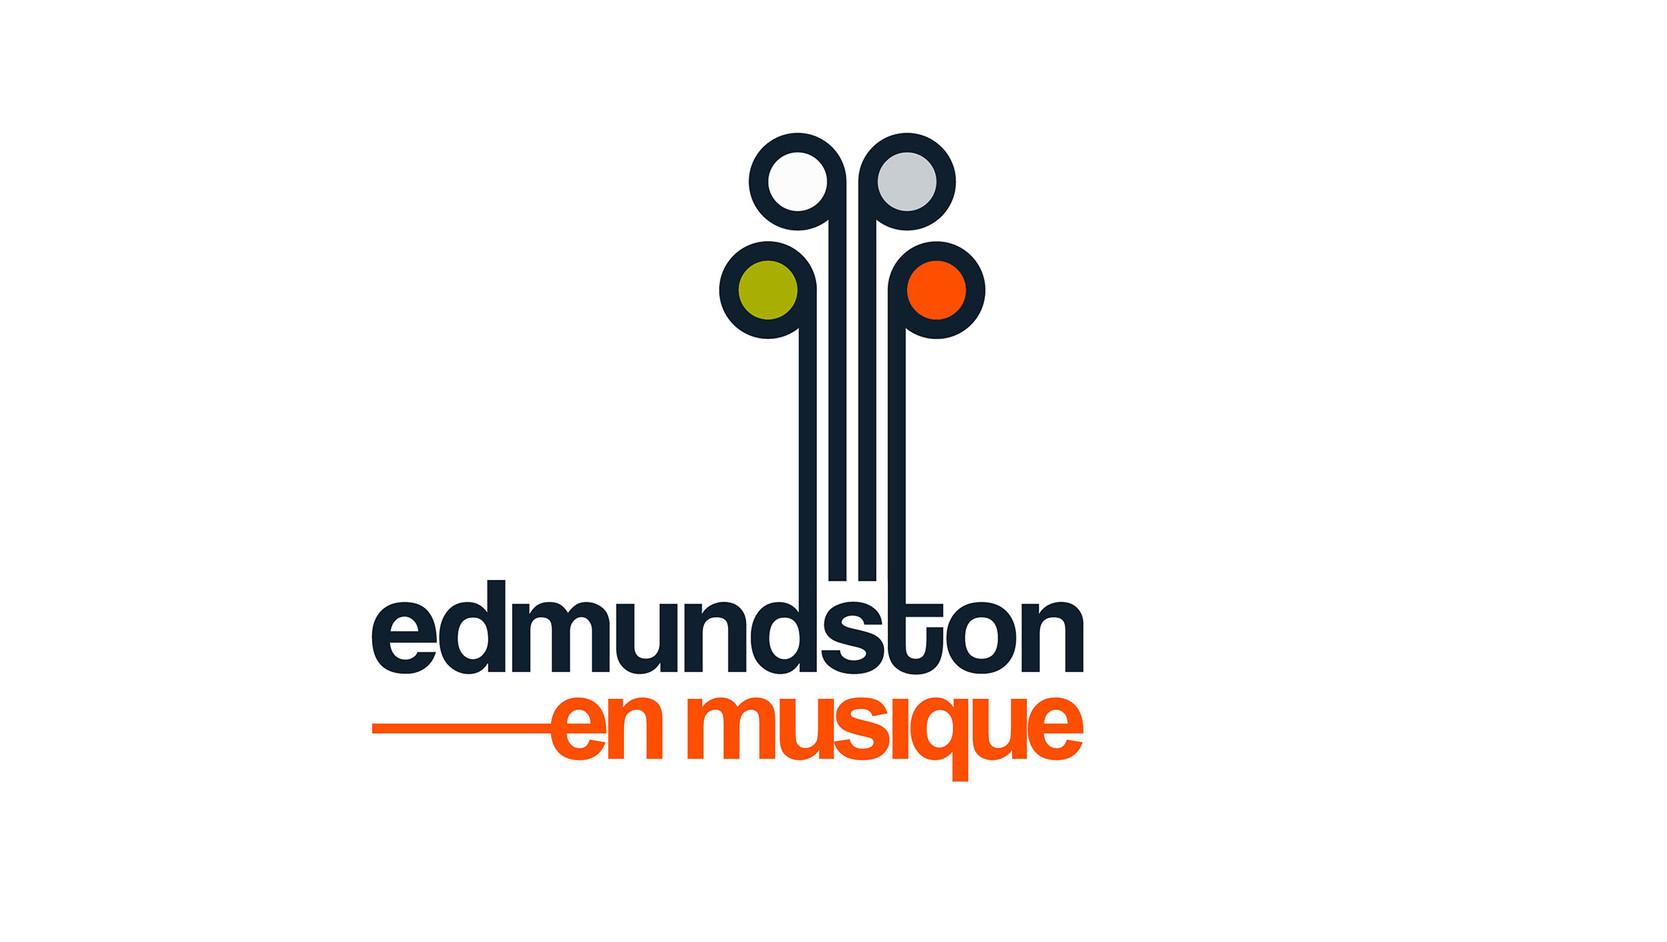 Edmundston en musique